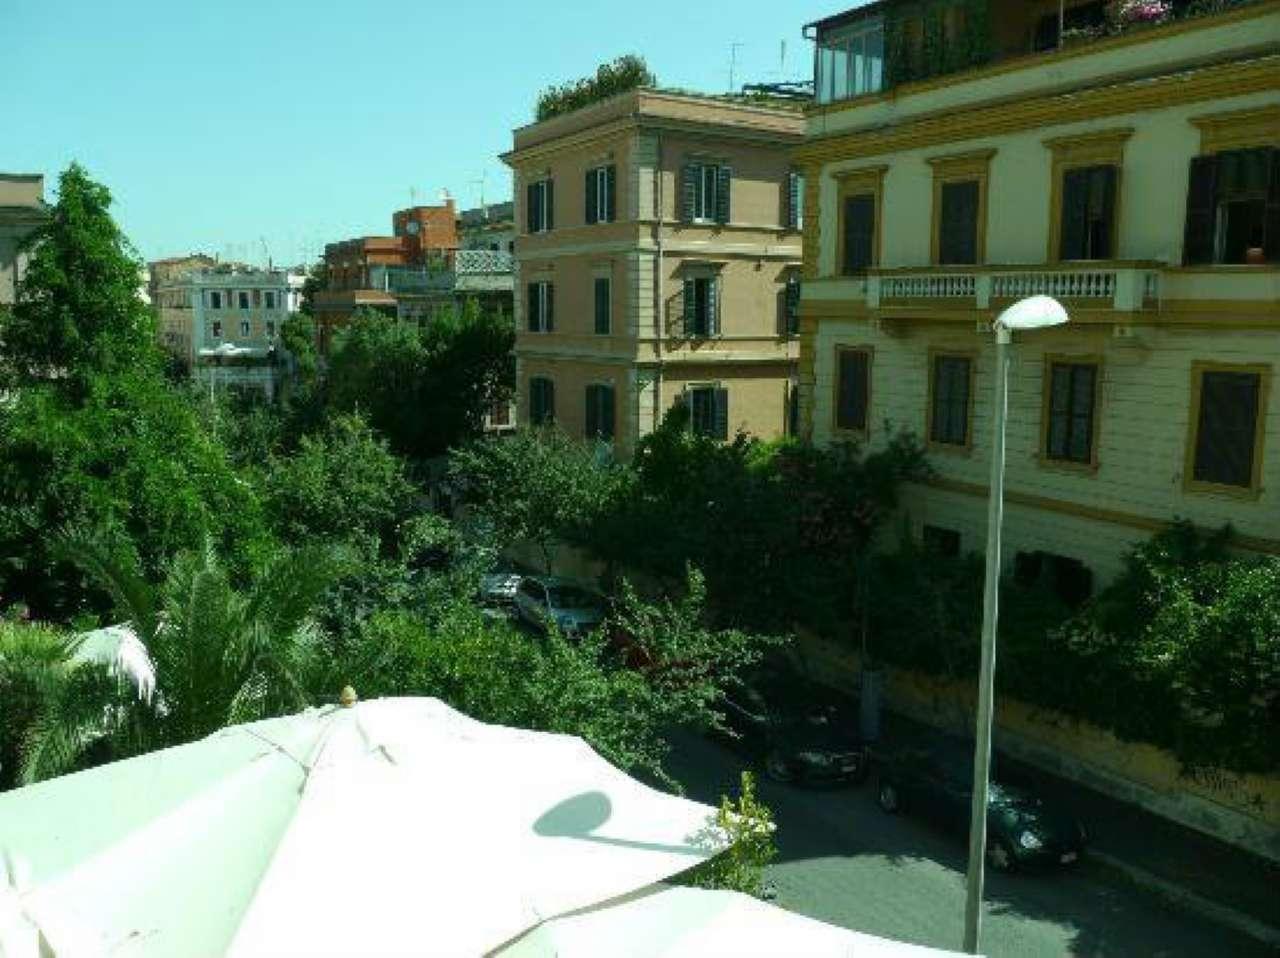 Appartamento in vendita a Roma, 4 locali, zona Zona: 3 . Trieste - Somalia - Salario, prezzo € 950.000 | CambioCasa.it